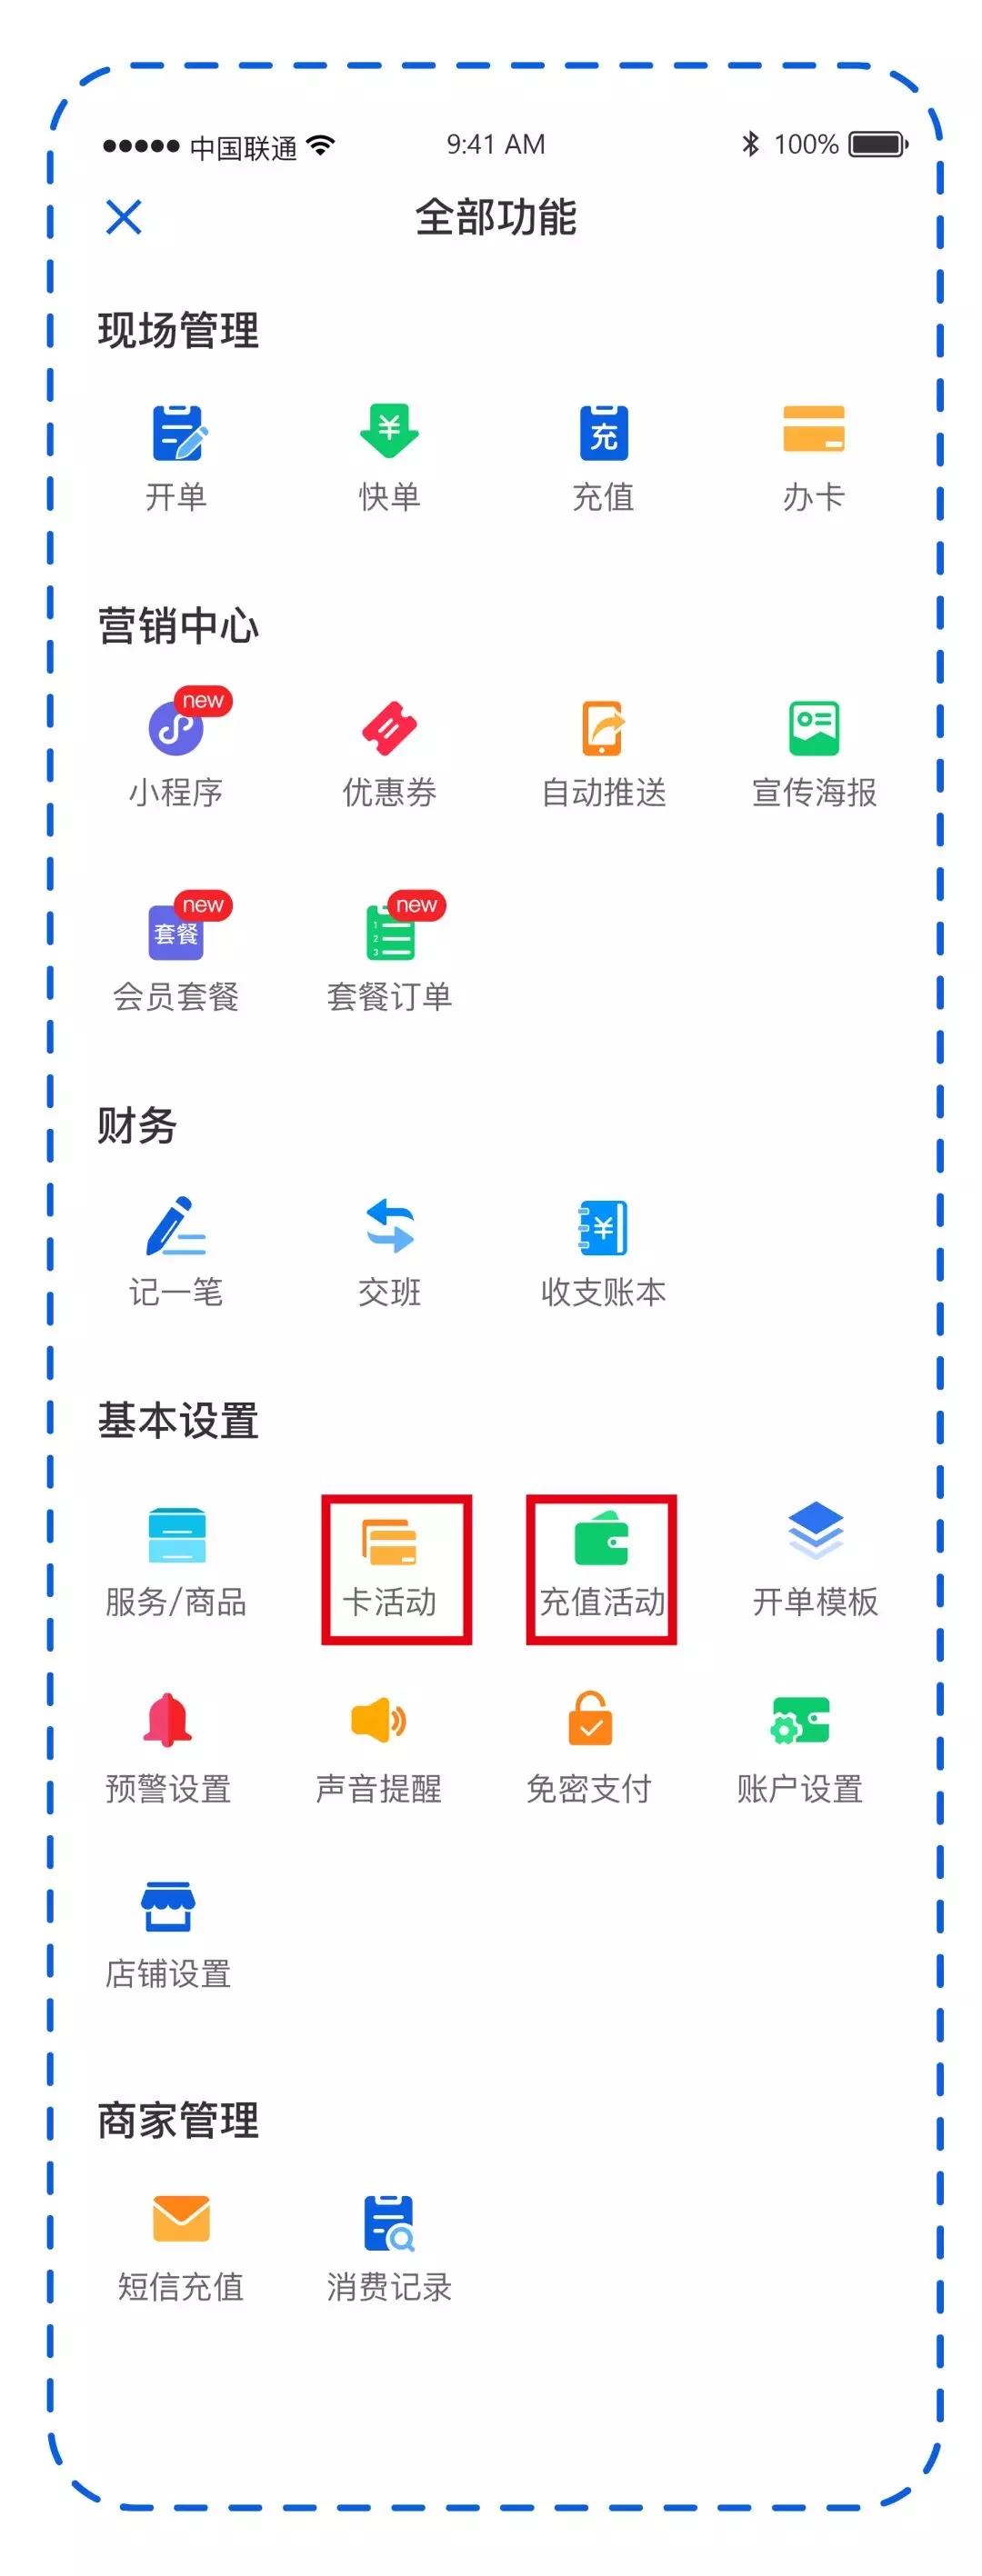 【新增服务】界面